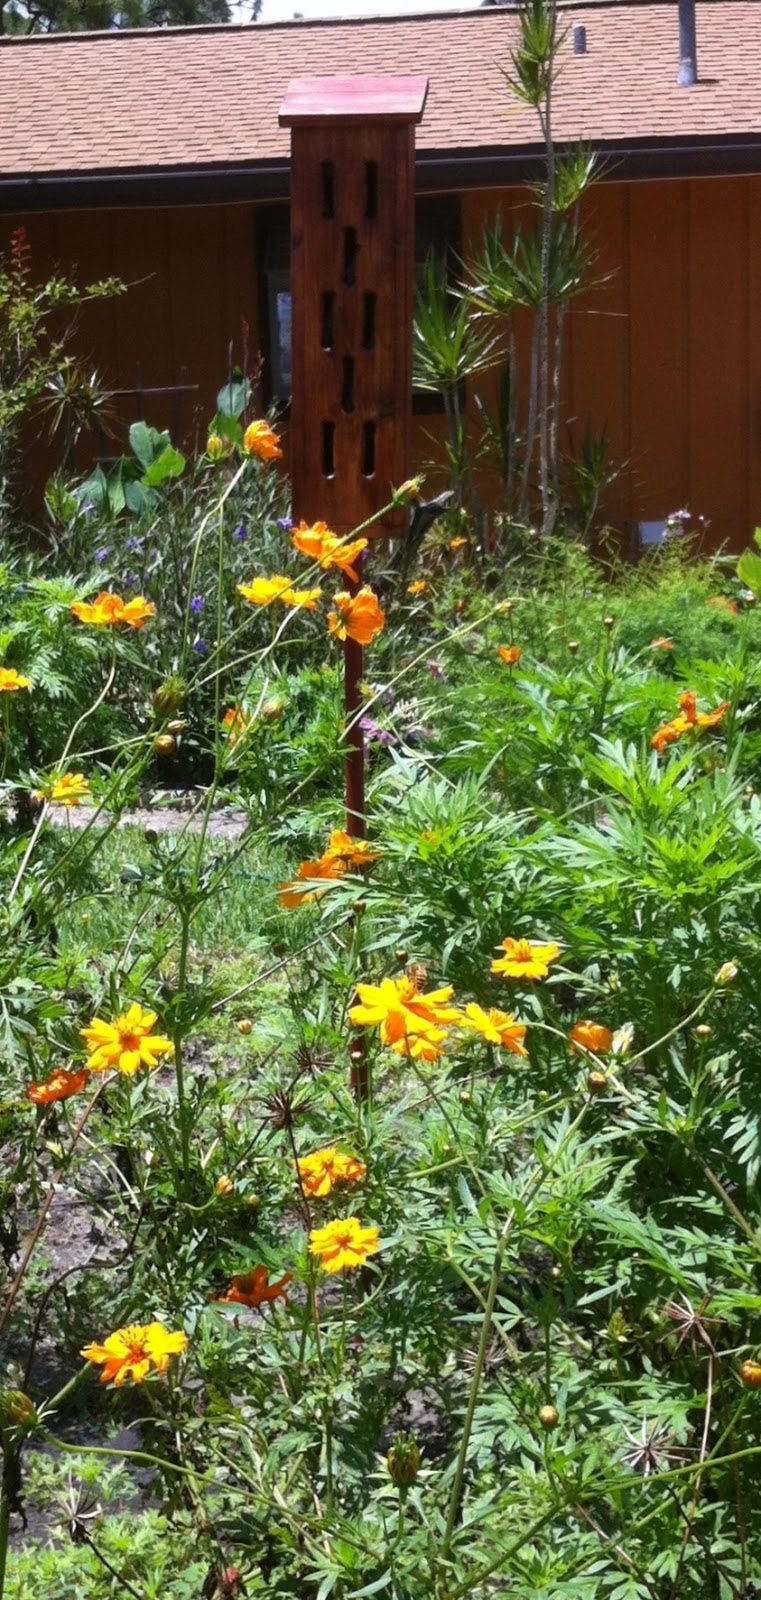 Paulaexuks Blog Garden Art Butterfly Butterfly Feeder